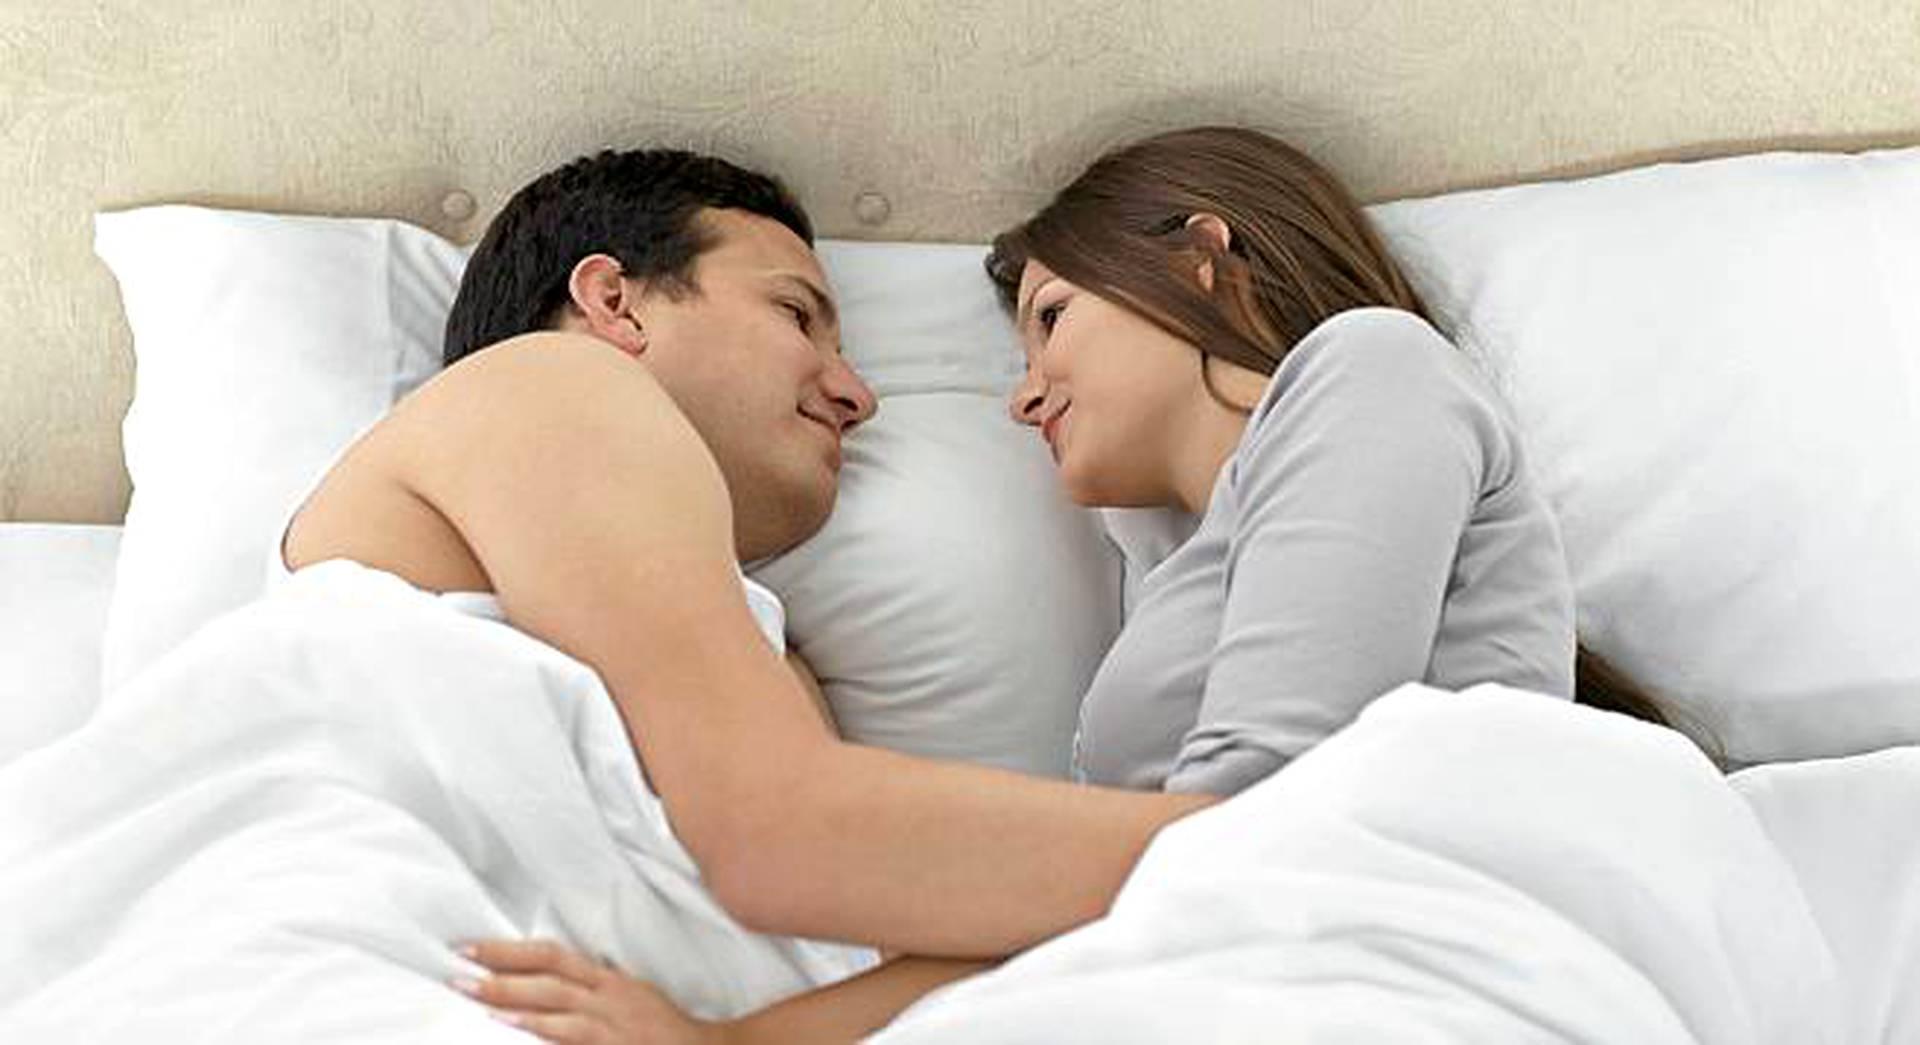 Autismi dating Näytä